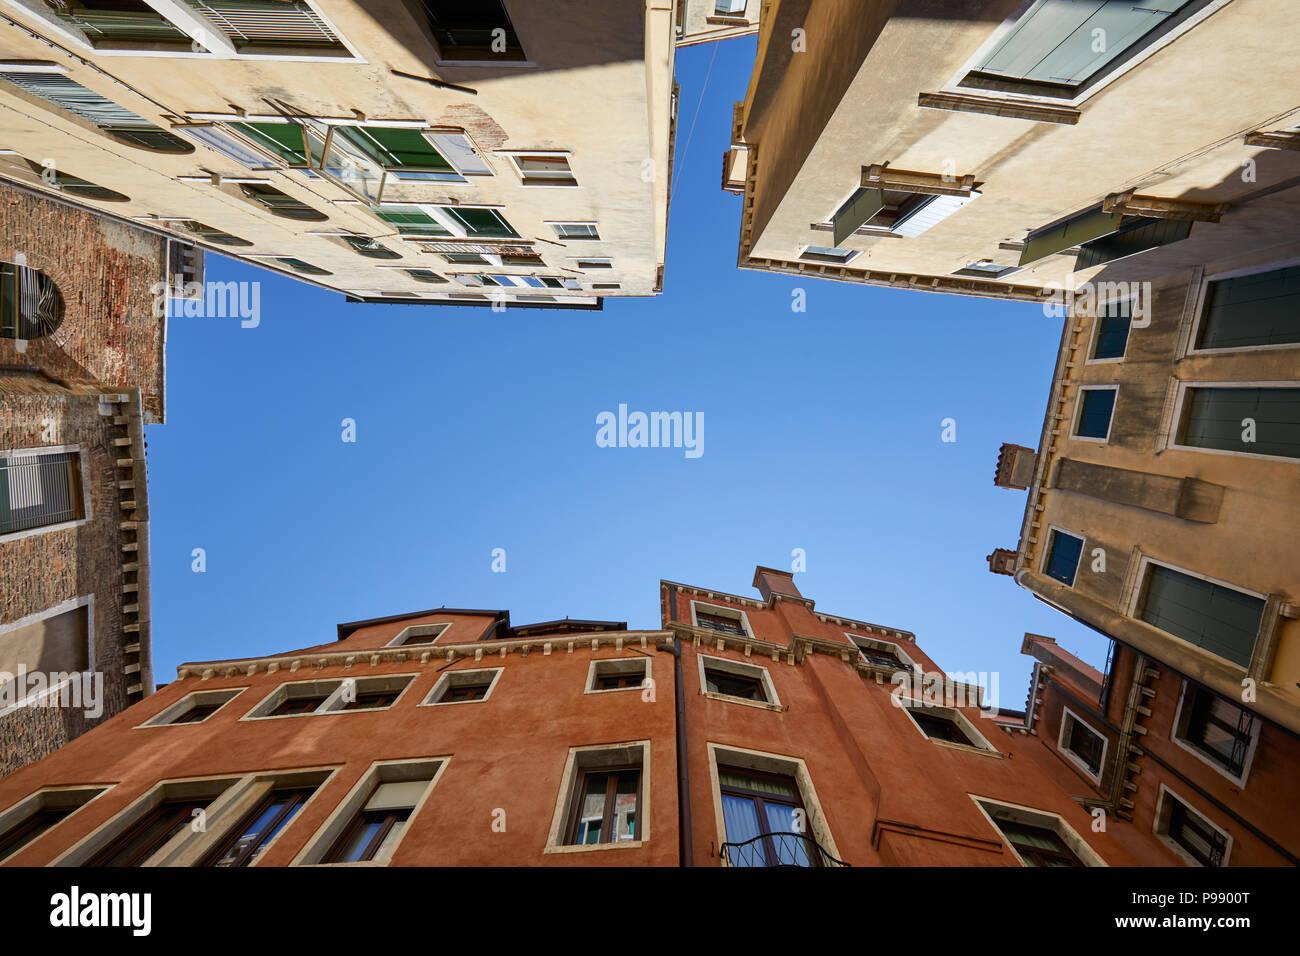 Las fachadas de casas y edificios de Venecia bajo ángulo de visión en un día soleado, cielo azul en Italia Imagen De Stock